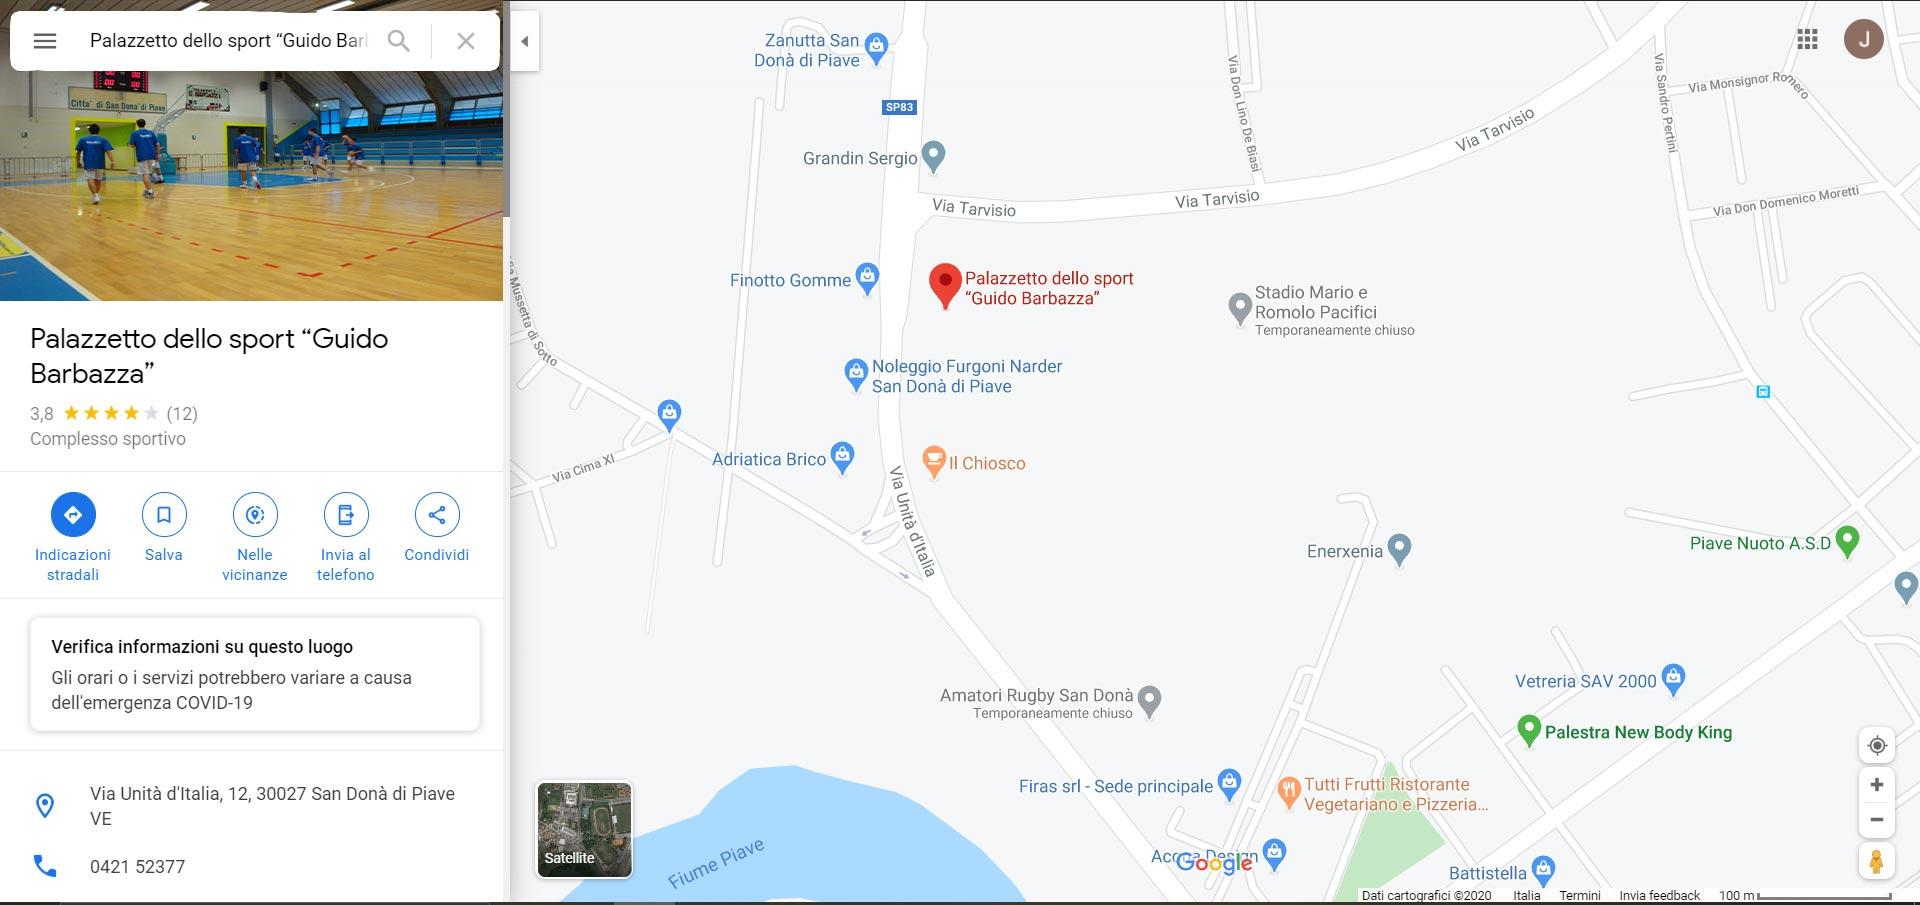 mappa palazzetto dello sport Guido Barbazza San Dona di Piave